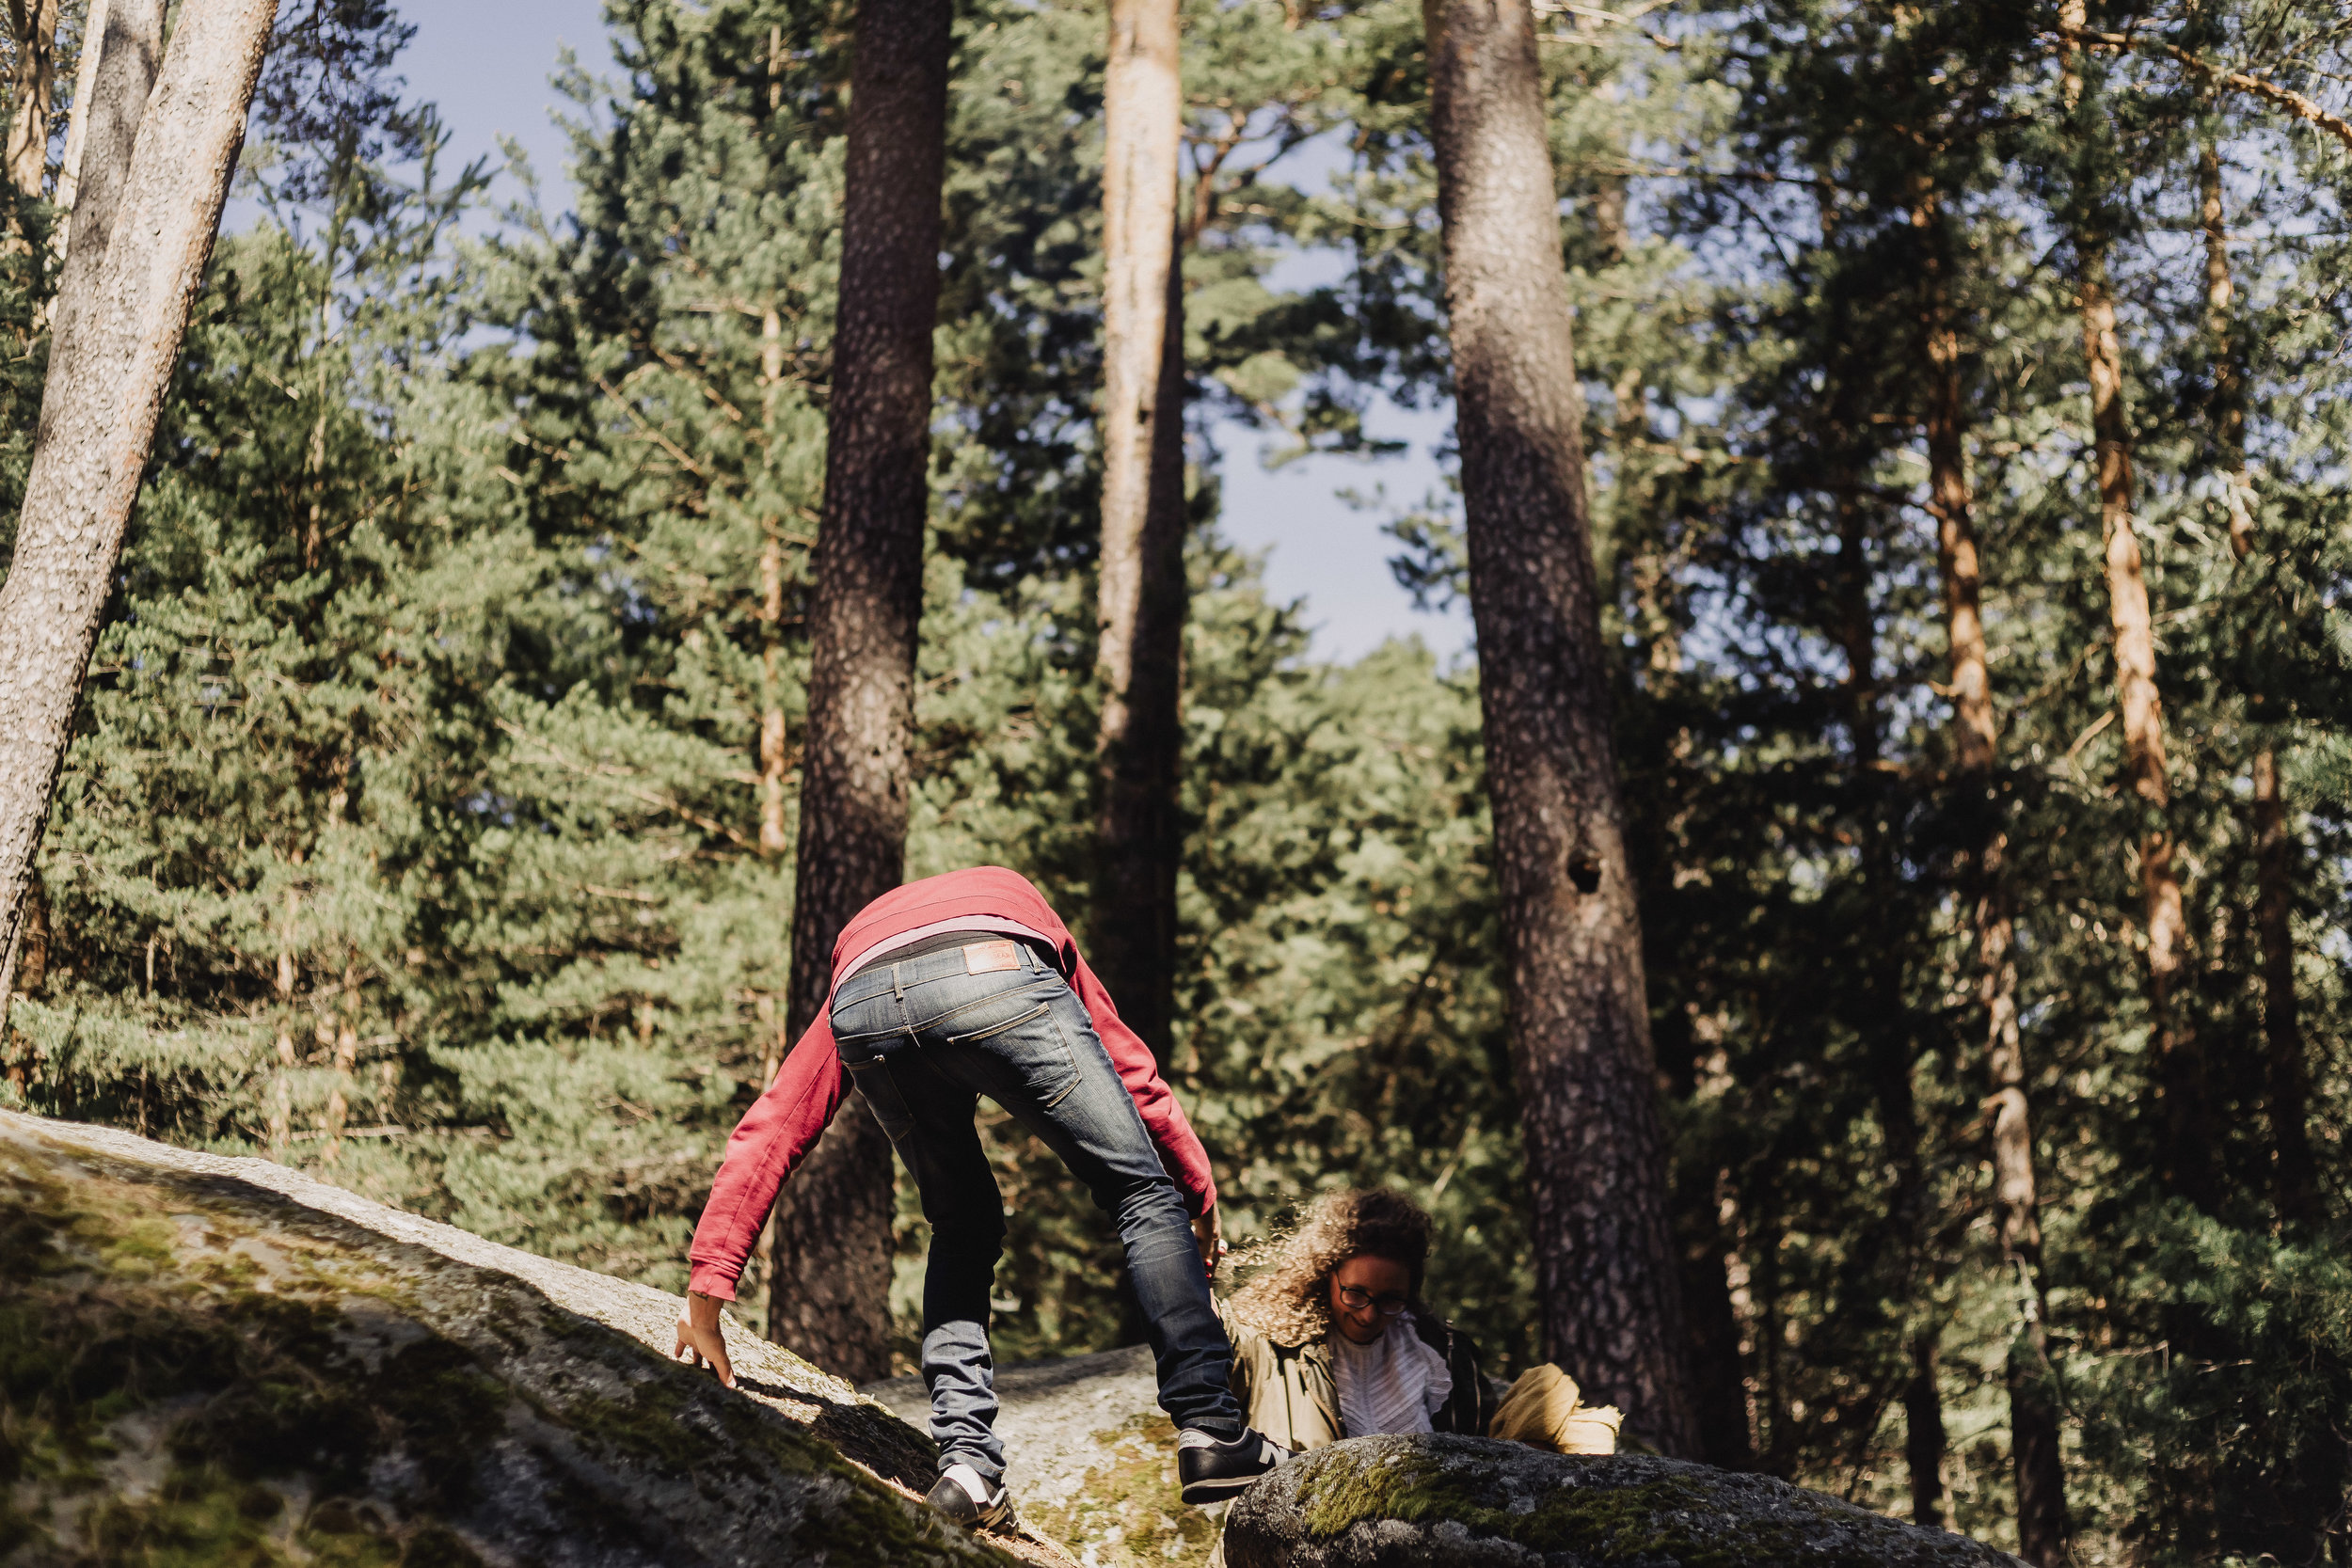 preboda-en- bosque-63.jpg